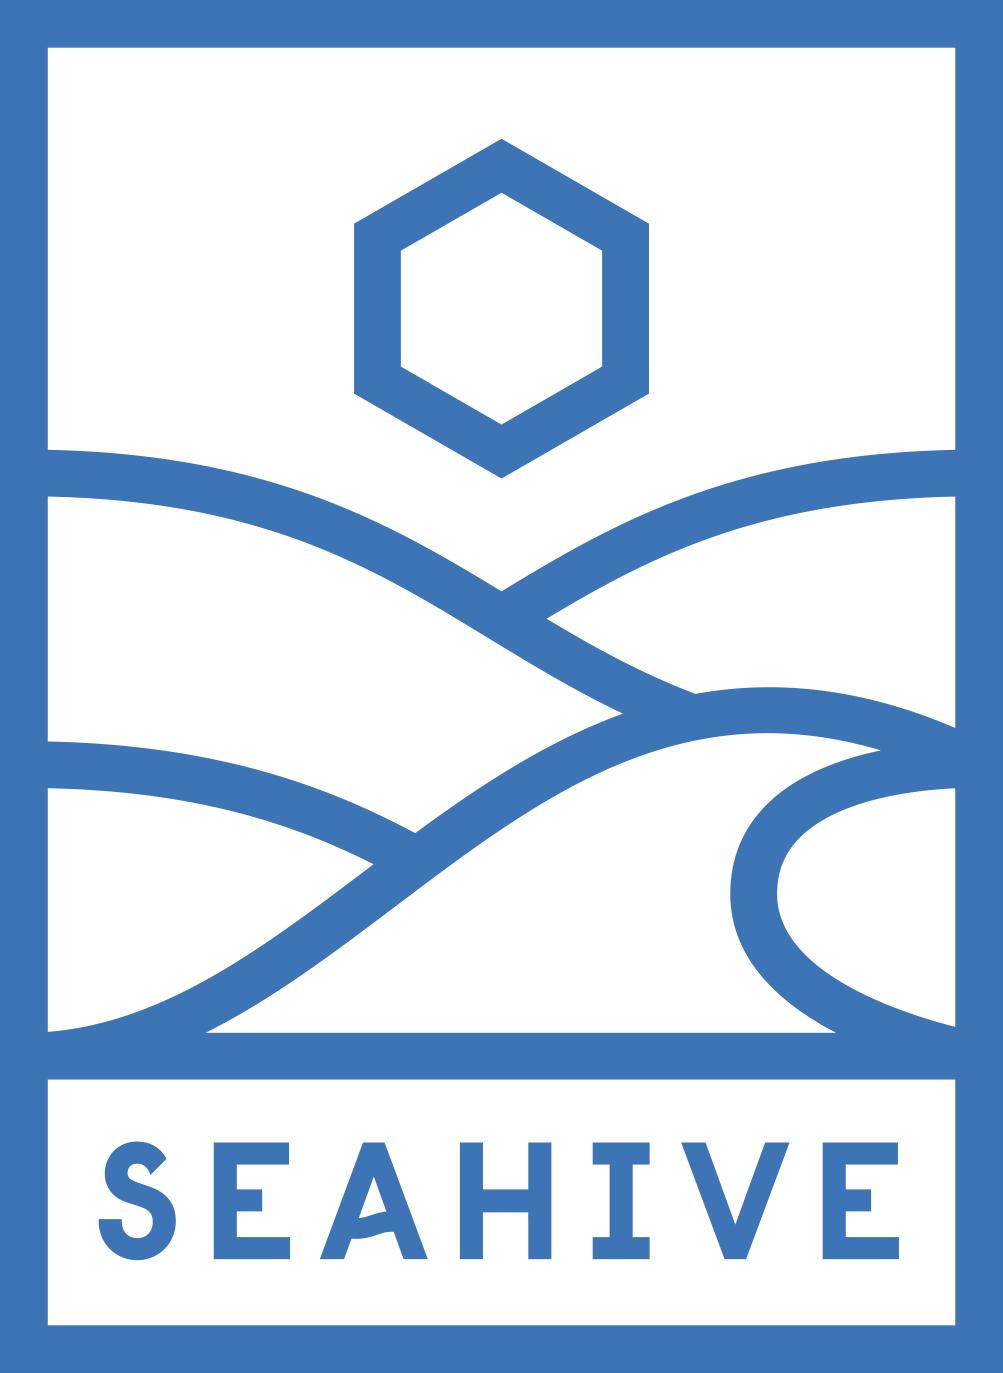 Seahive_Badge_Blue.jpg